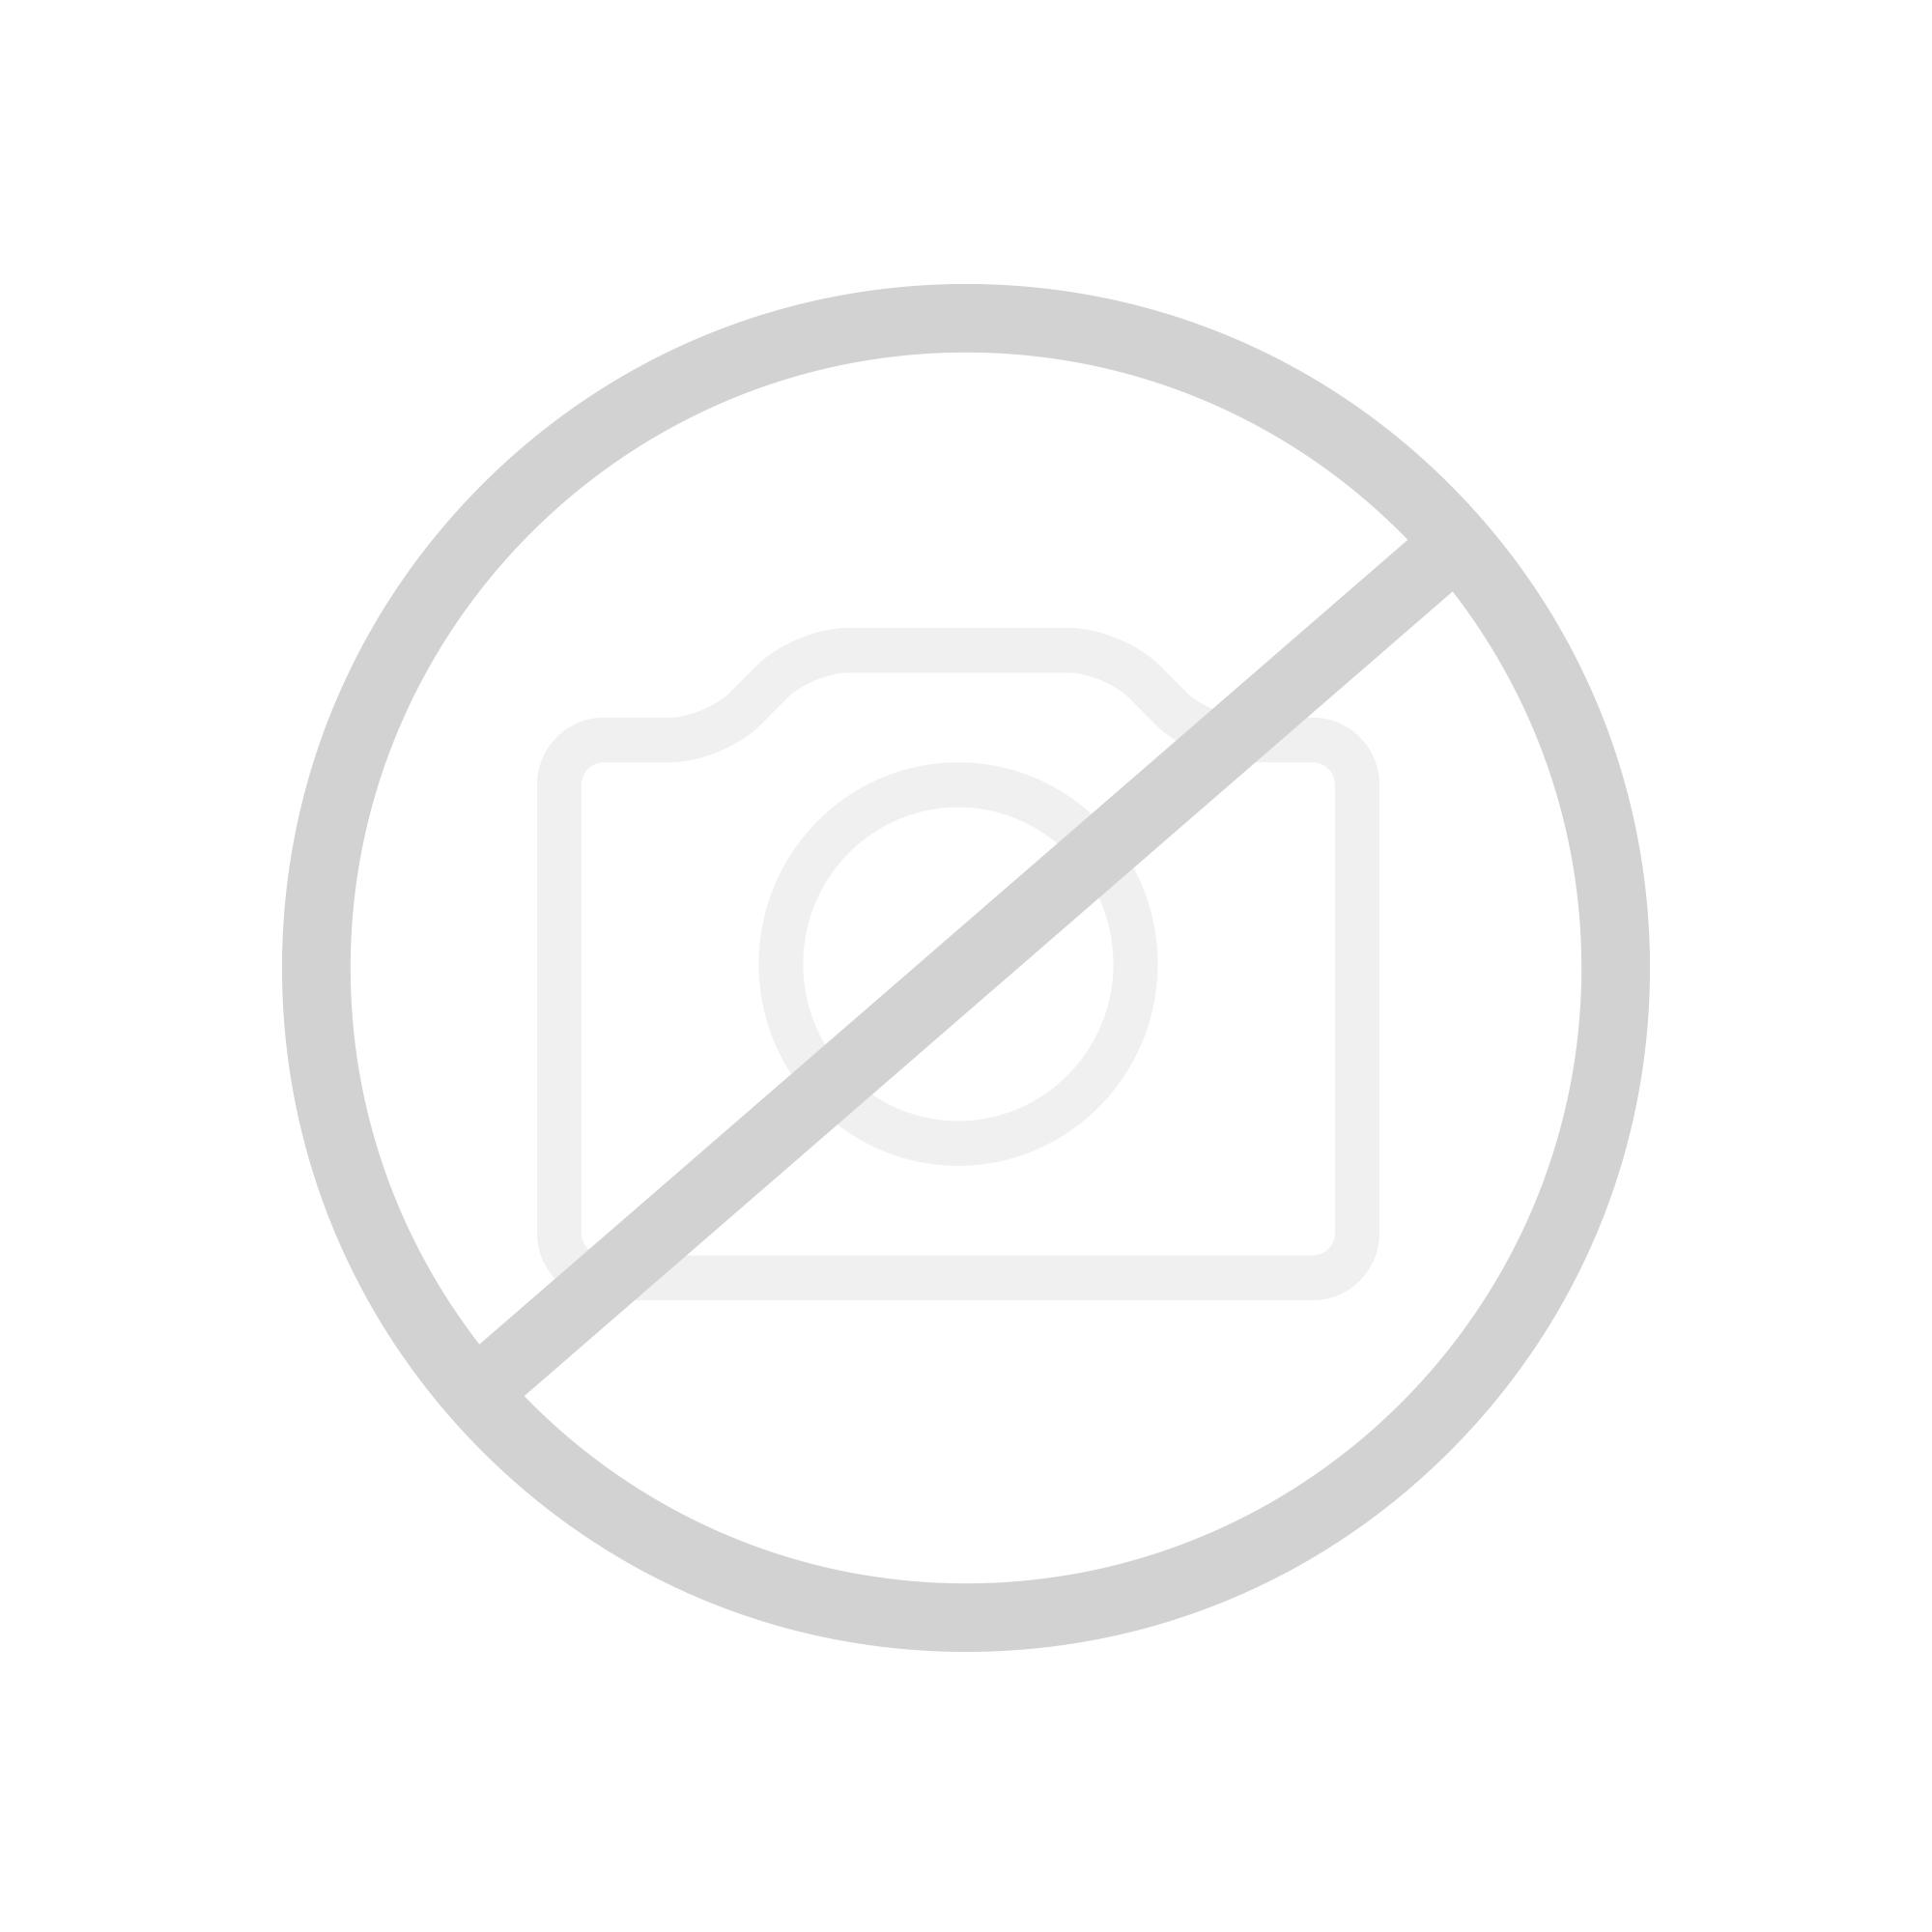 Duschwannen & Duschtassen günstig kaufen bei REUTER | {Duschwanne flach einbauen 81}